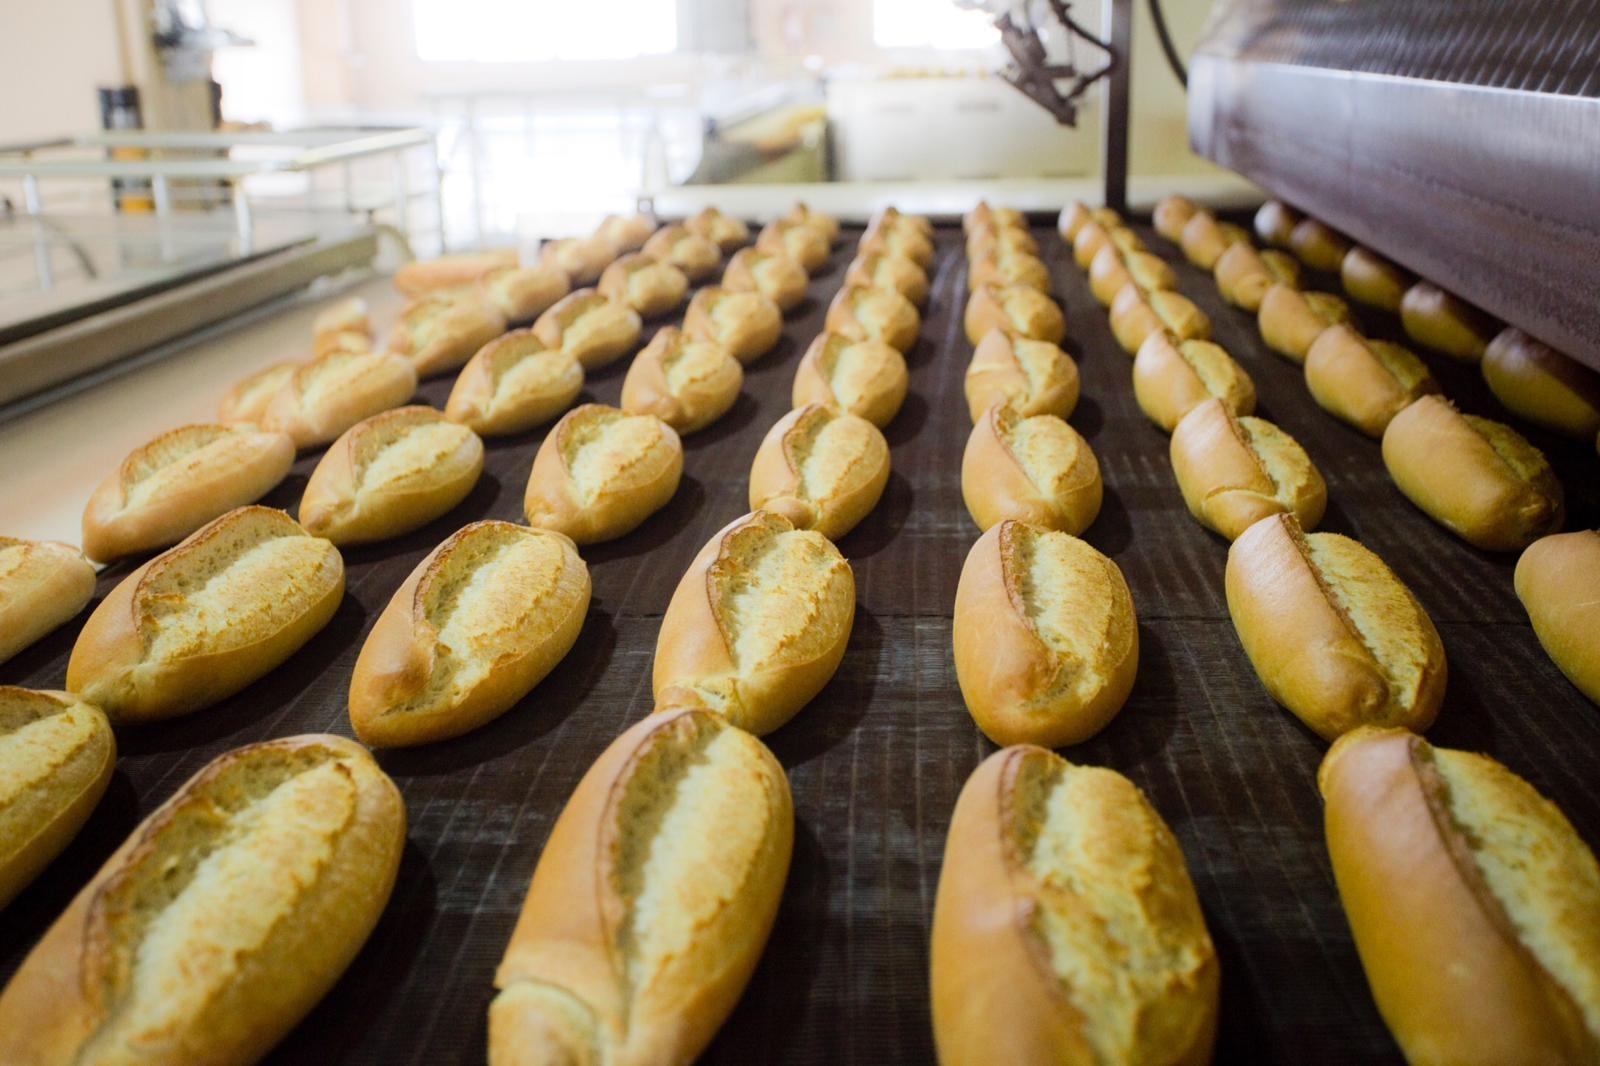 İBB askıda halk ekmek kampanyası | İBB askıda ekmek bağışı nasıl yapılır?